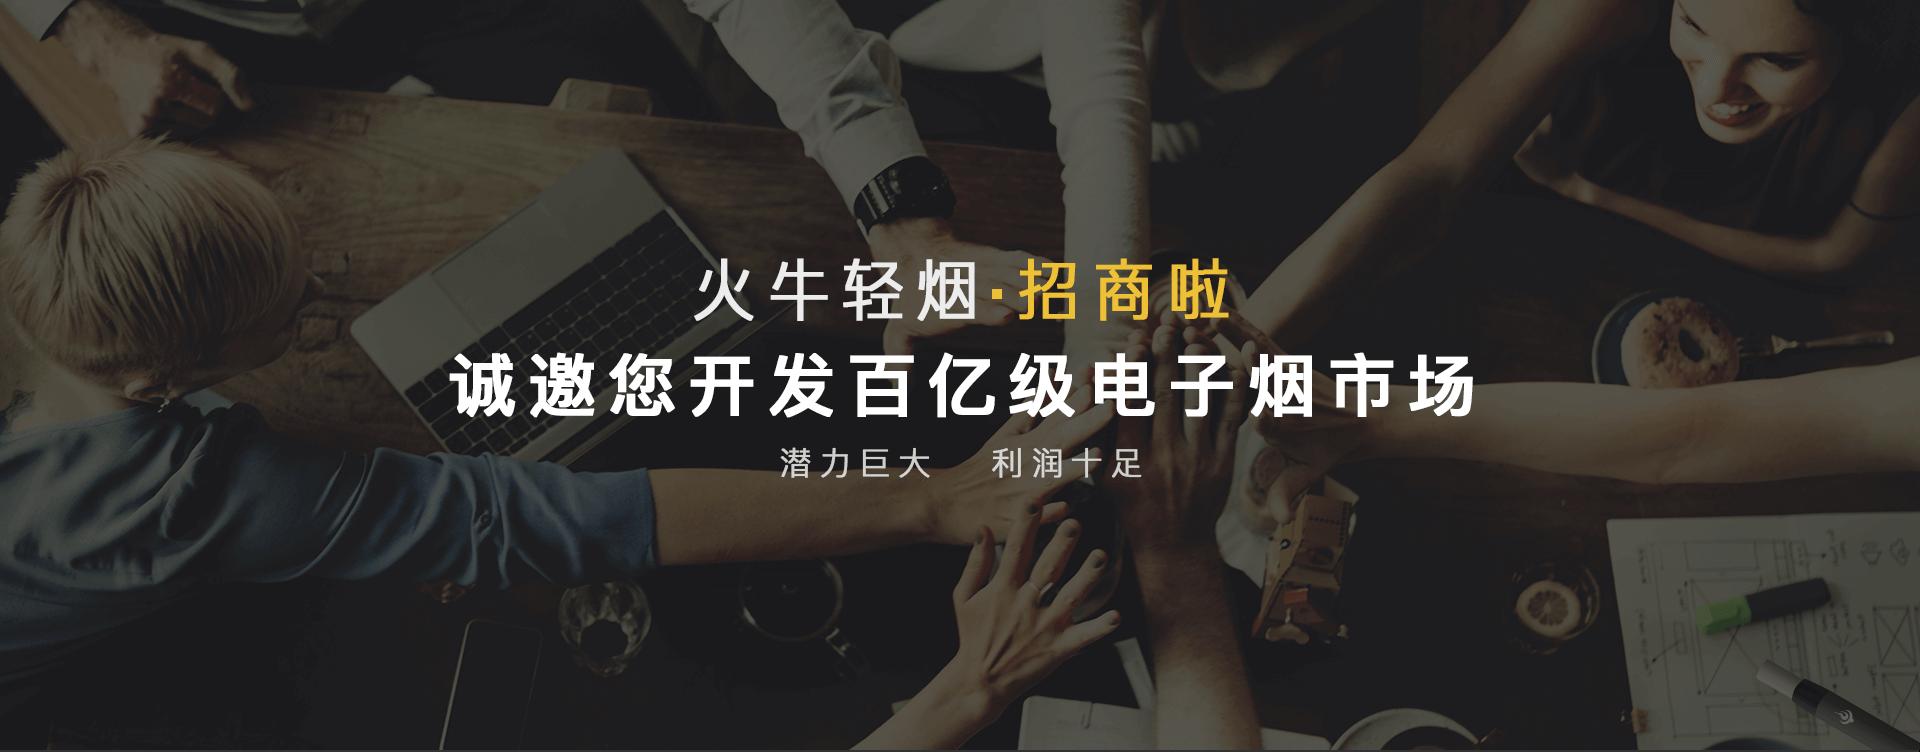 重庆电子烟厂家